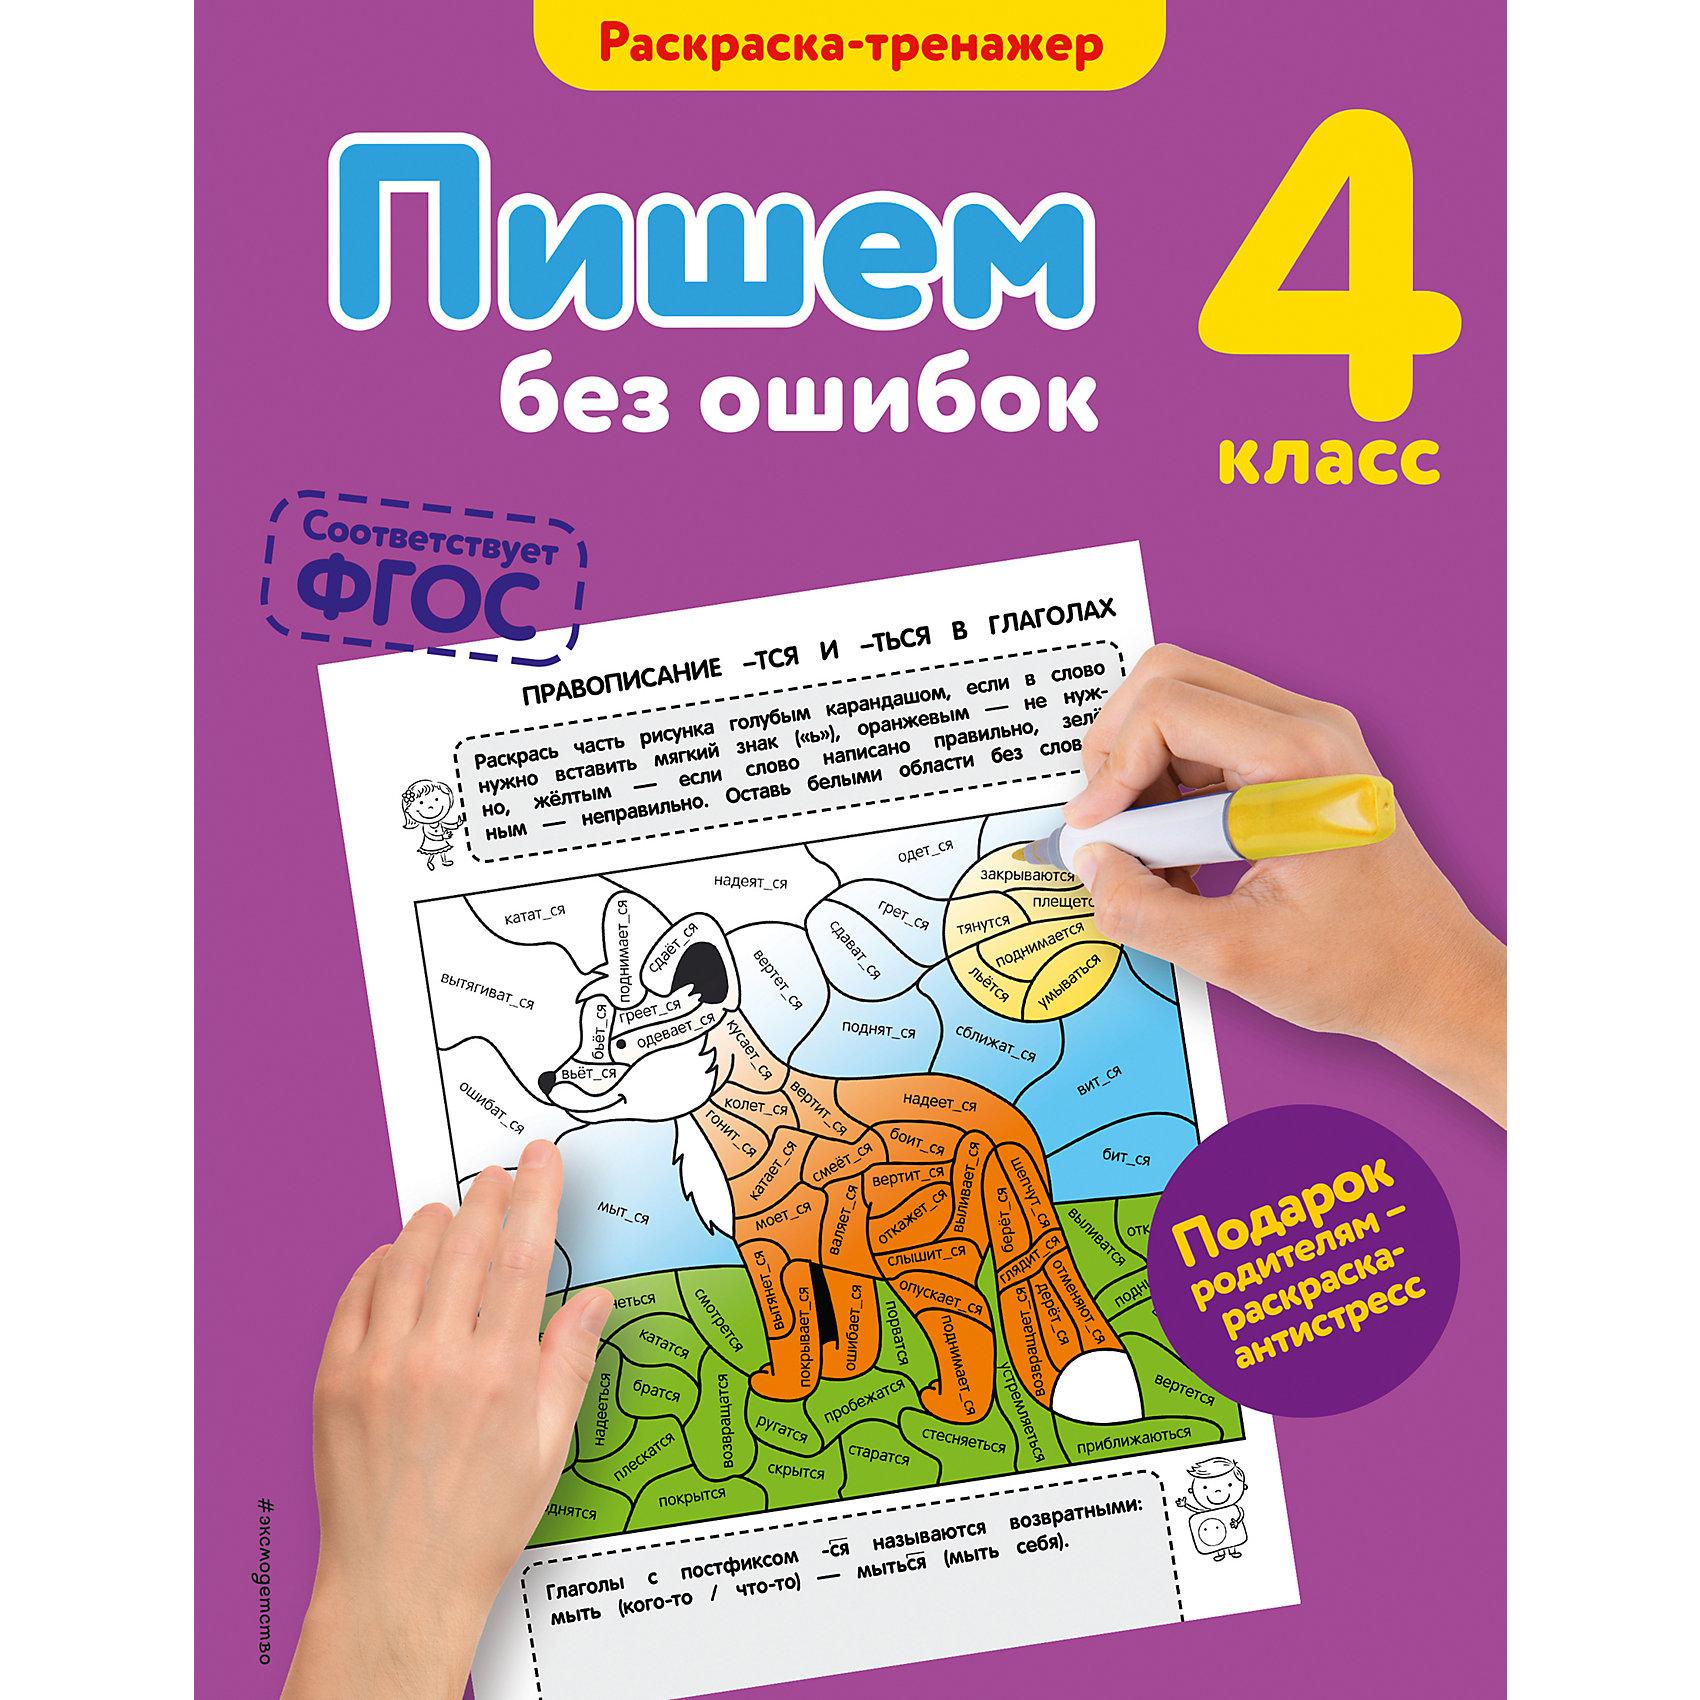 Пишем без ошибок, 4-й классЭксмо<br>Пособие представляет собой раскраску-тренажёр, которая поможет ученику 4-го класса закрепить навыки грамотного письма, а также развить мелкую моторику, логику и внимание.<br>     В книге 31 задание на буквы и раскрашивание, цветная вкладка с рисунками-ответами, раскраской-антистрессом для родителей и грамотой, которой школьник награждается за старание и любознательность. Нестандартная подача материала в пособии поможет увеличить эффективность занятий.<br><br>Ширина мм: 255<br>Глубина мм: 197<br>Высота мм: 2<br>Вес г: 116<br>Возраст от месяцев: 120<br>Возраст до месяцев: 132<br>Пол: Унисекс<br>Возраст: Детский<br>SKU: 5098435